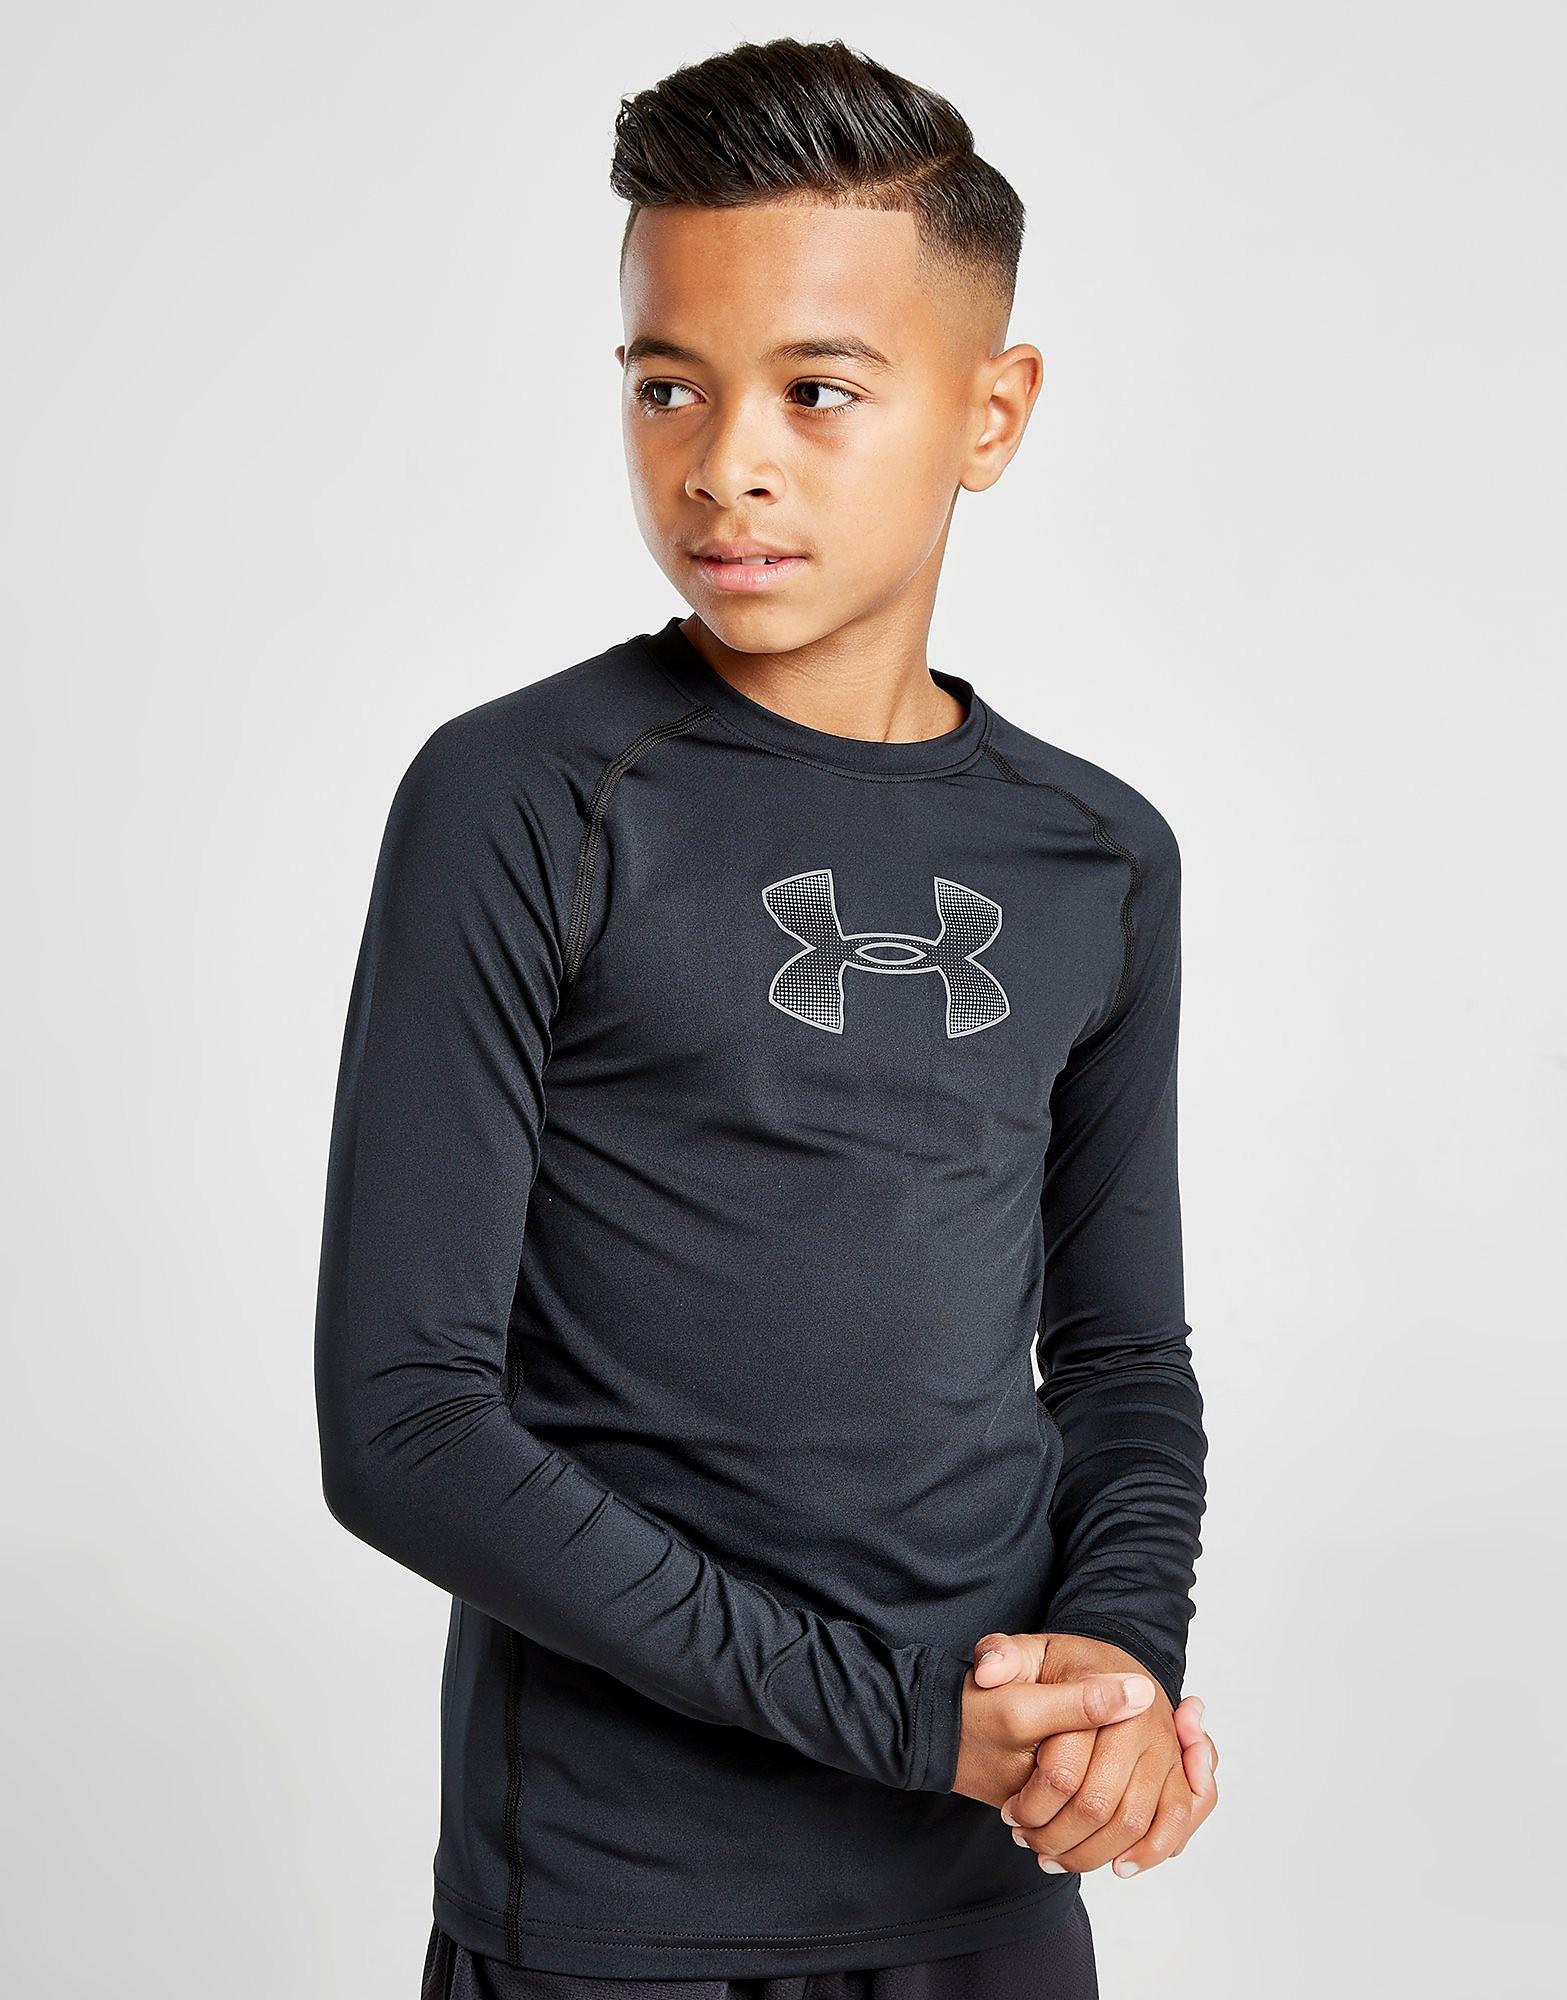 Under Armour Long Sleeve T-Shirt Junior Zwart Kind Zwart